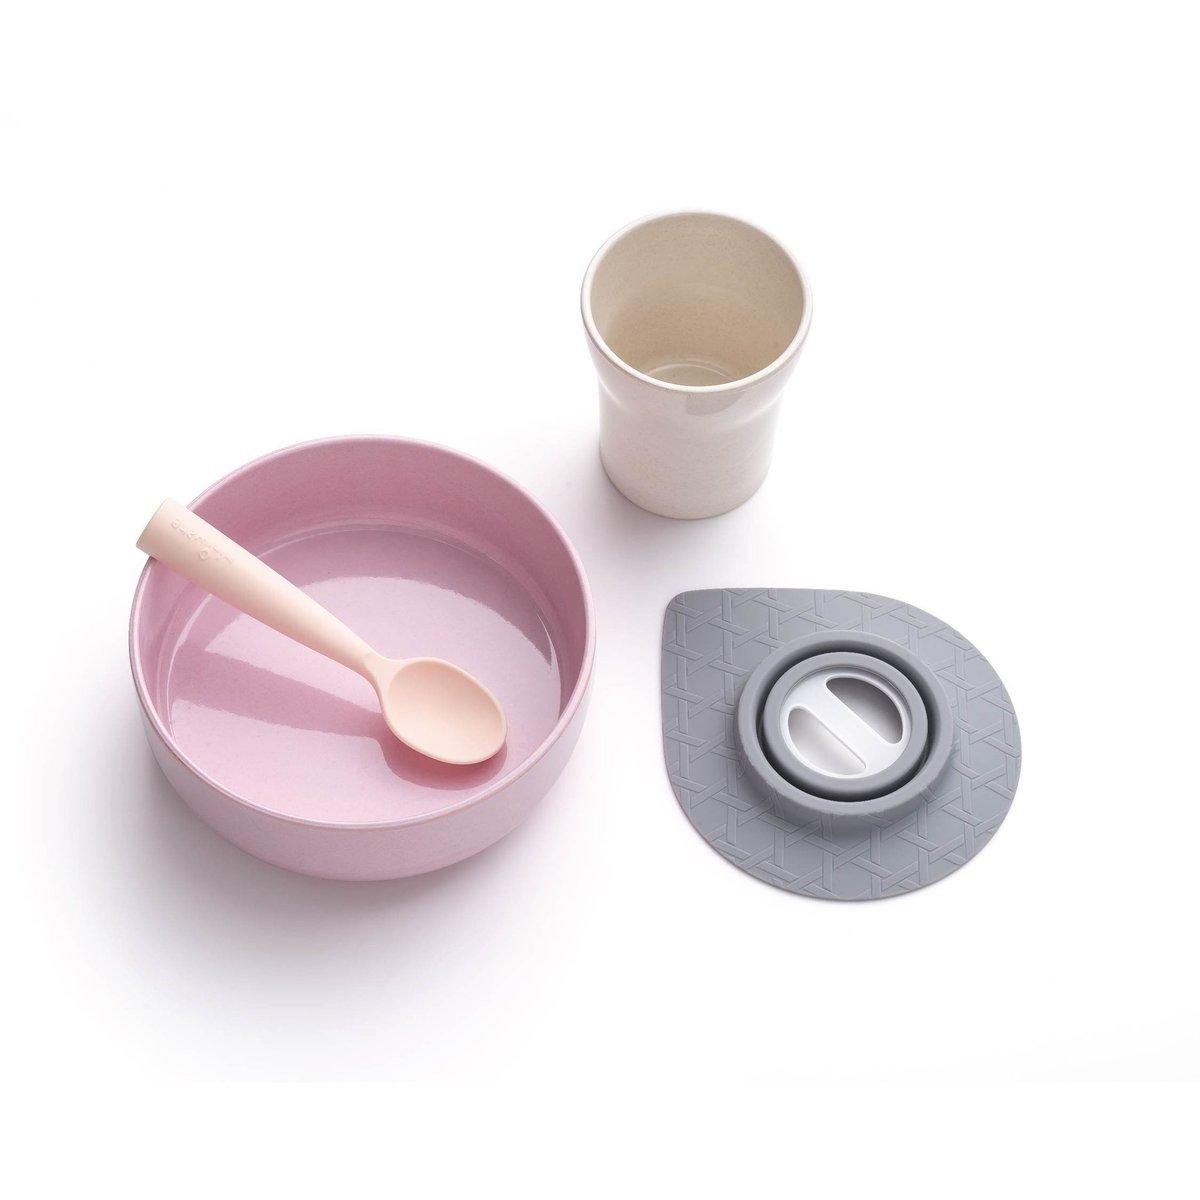 Sip + Snack Set - Cherry Blossom+Peach